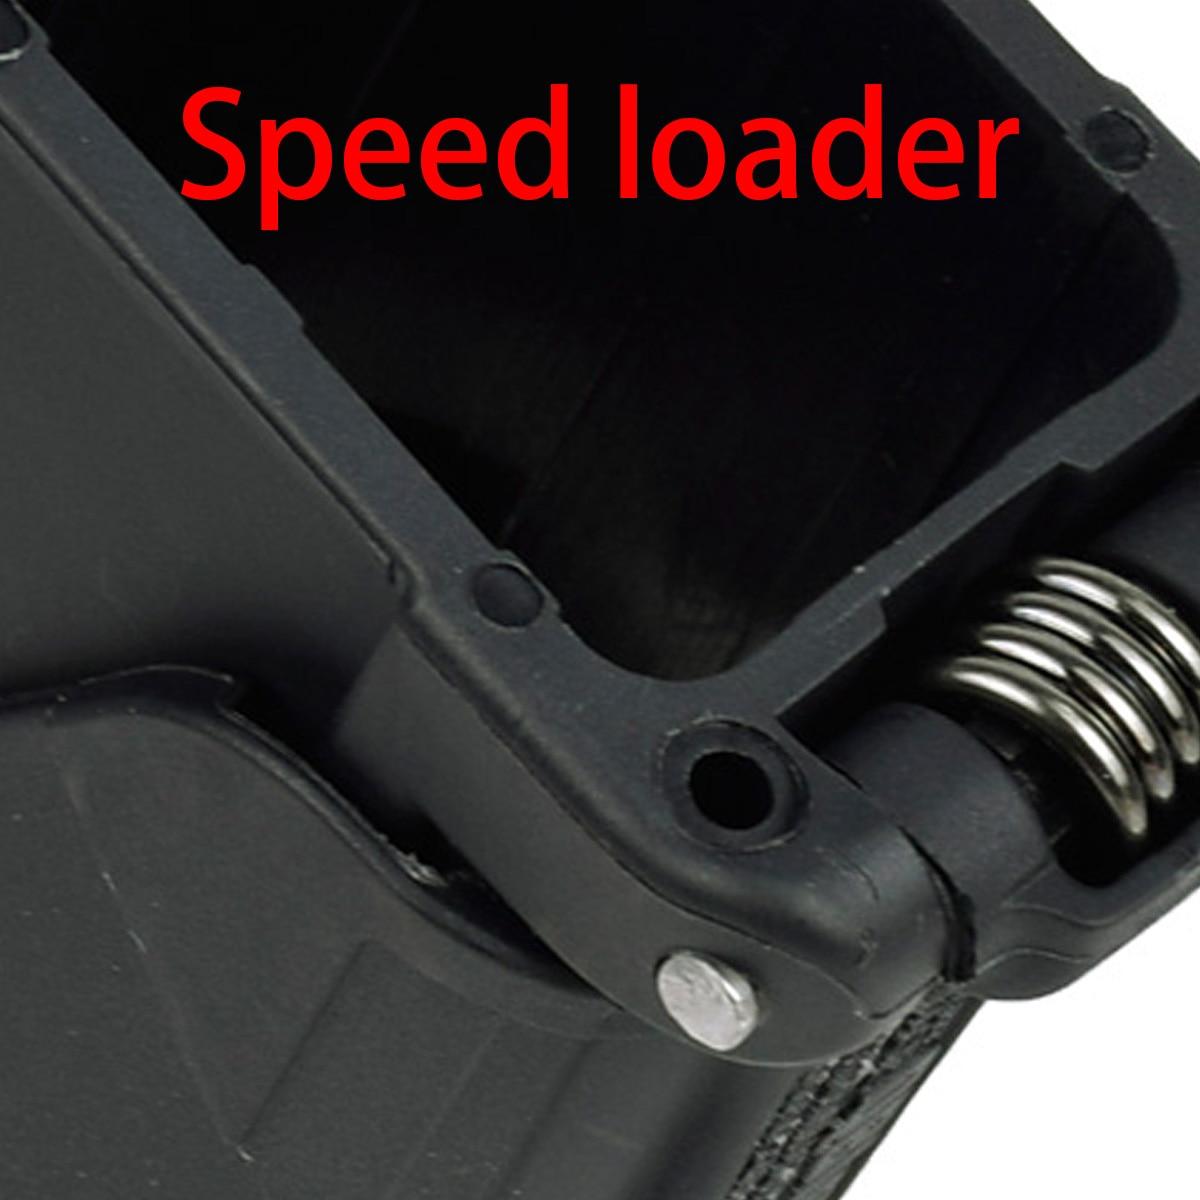 กระสุนนิตยสาร Loader ความเร็ว 9 มม.40 .357 .45 .22 22LR เกือบ Glock 1911 CZ 75 P320 ปืนพก